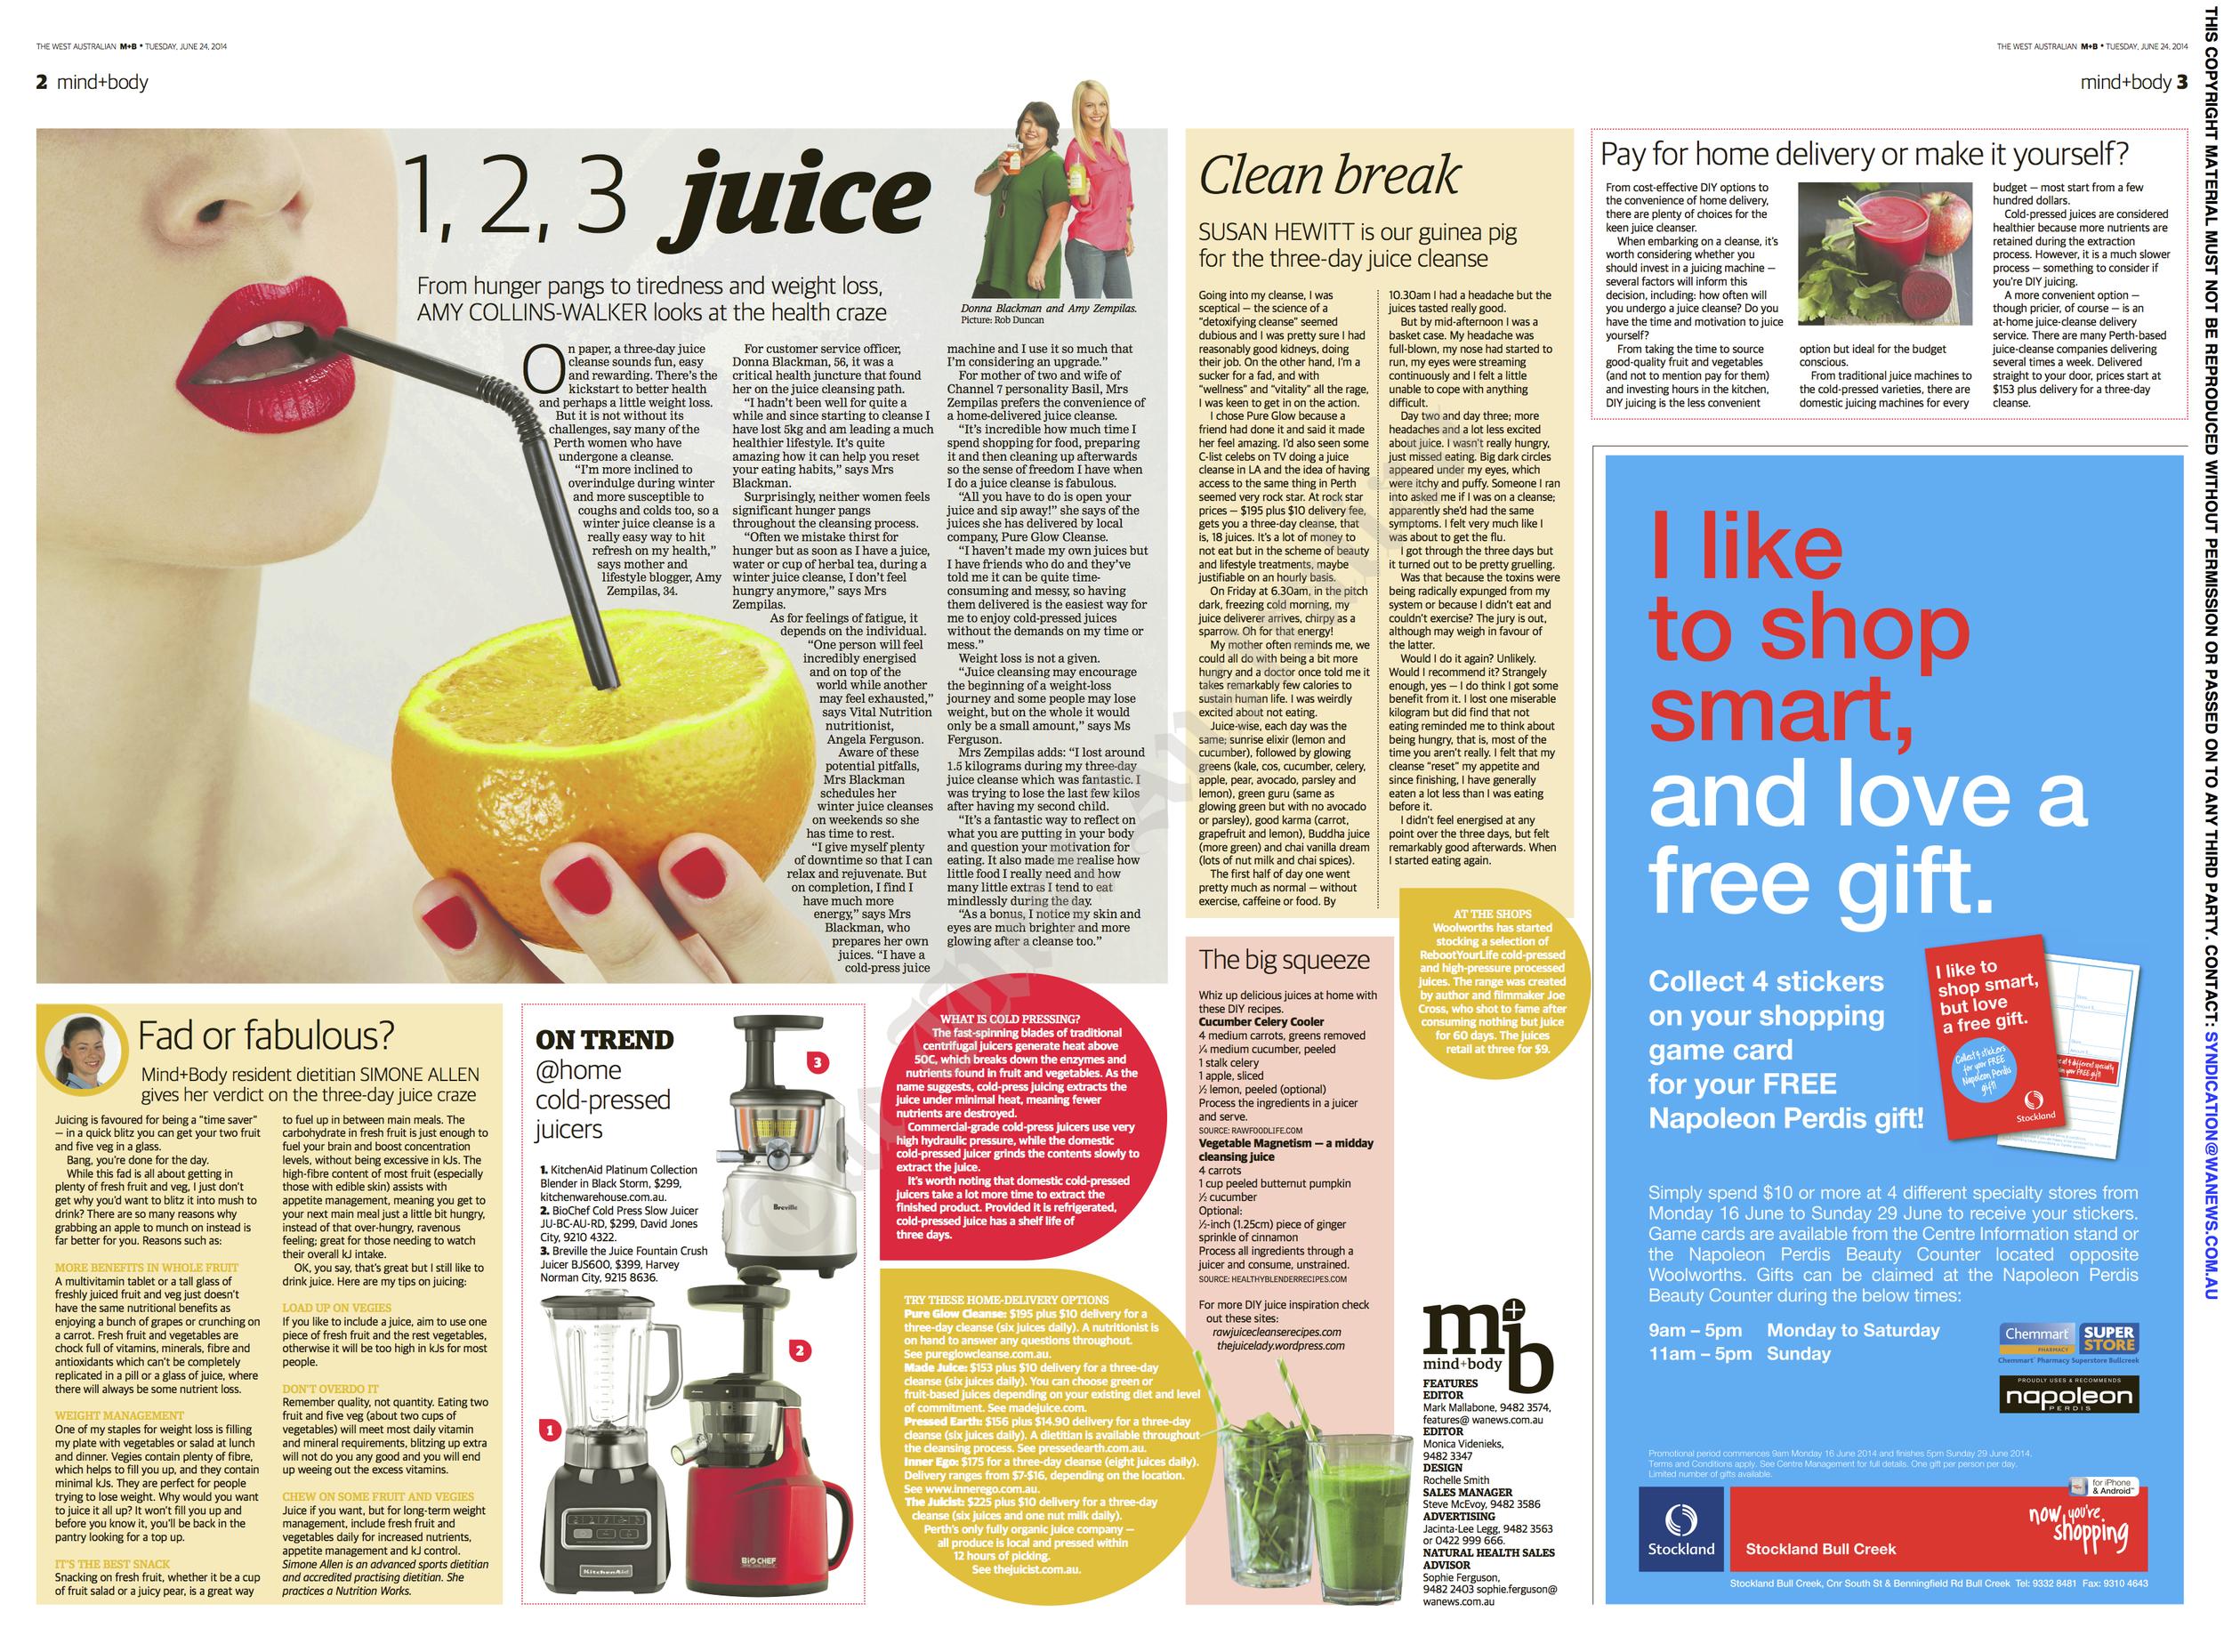 Juice cleanse_2.jpg